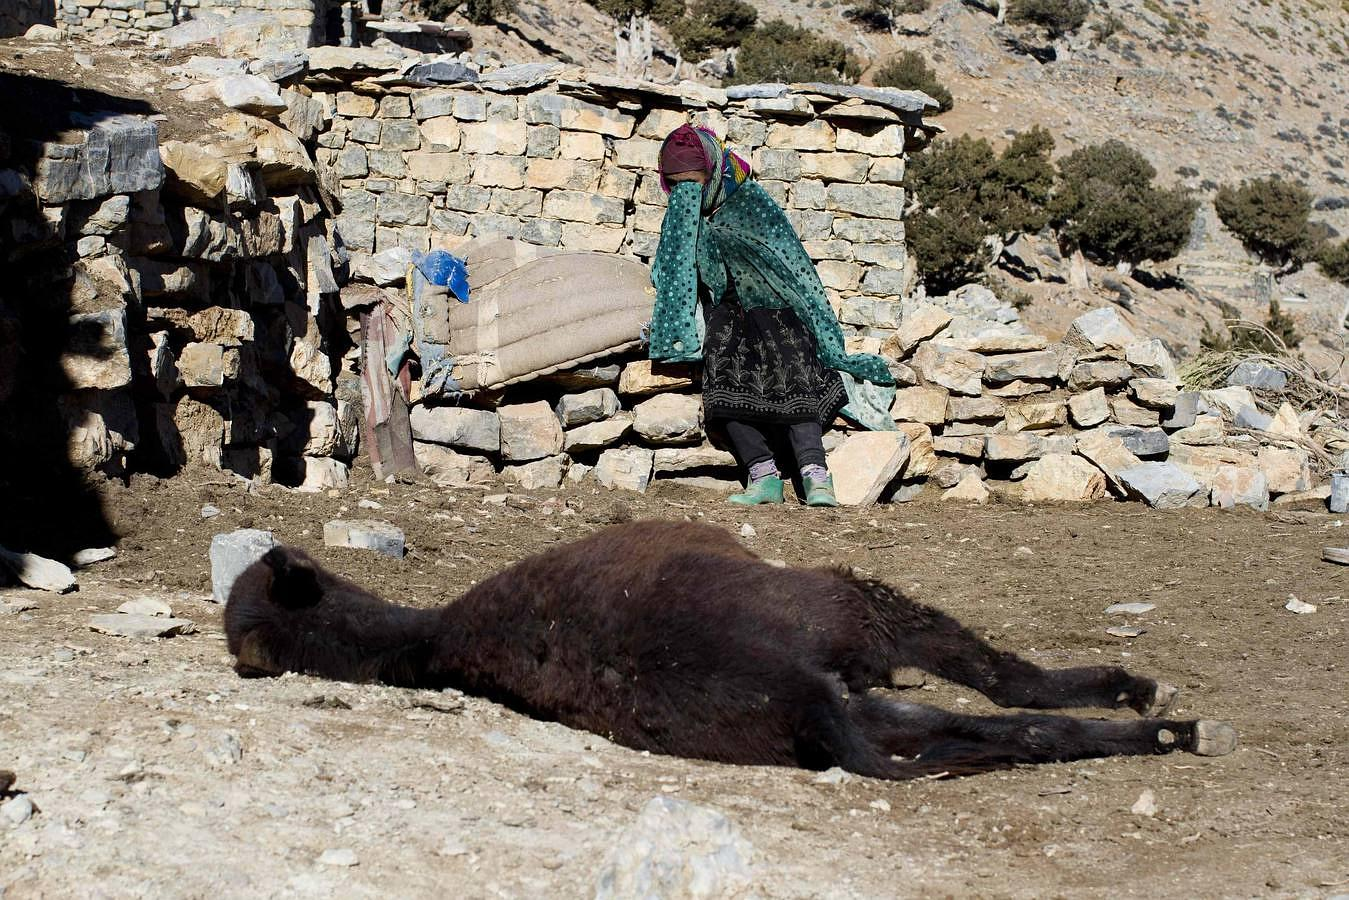 Una mujer llora por la muerte de su burro en la aldea bereber de Ait Sghi, en las montañas del Atlas de Marruecos